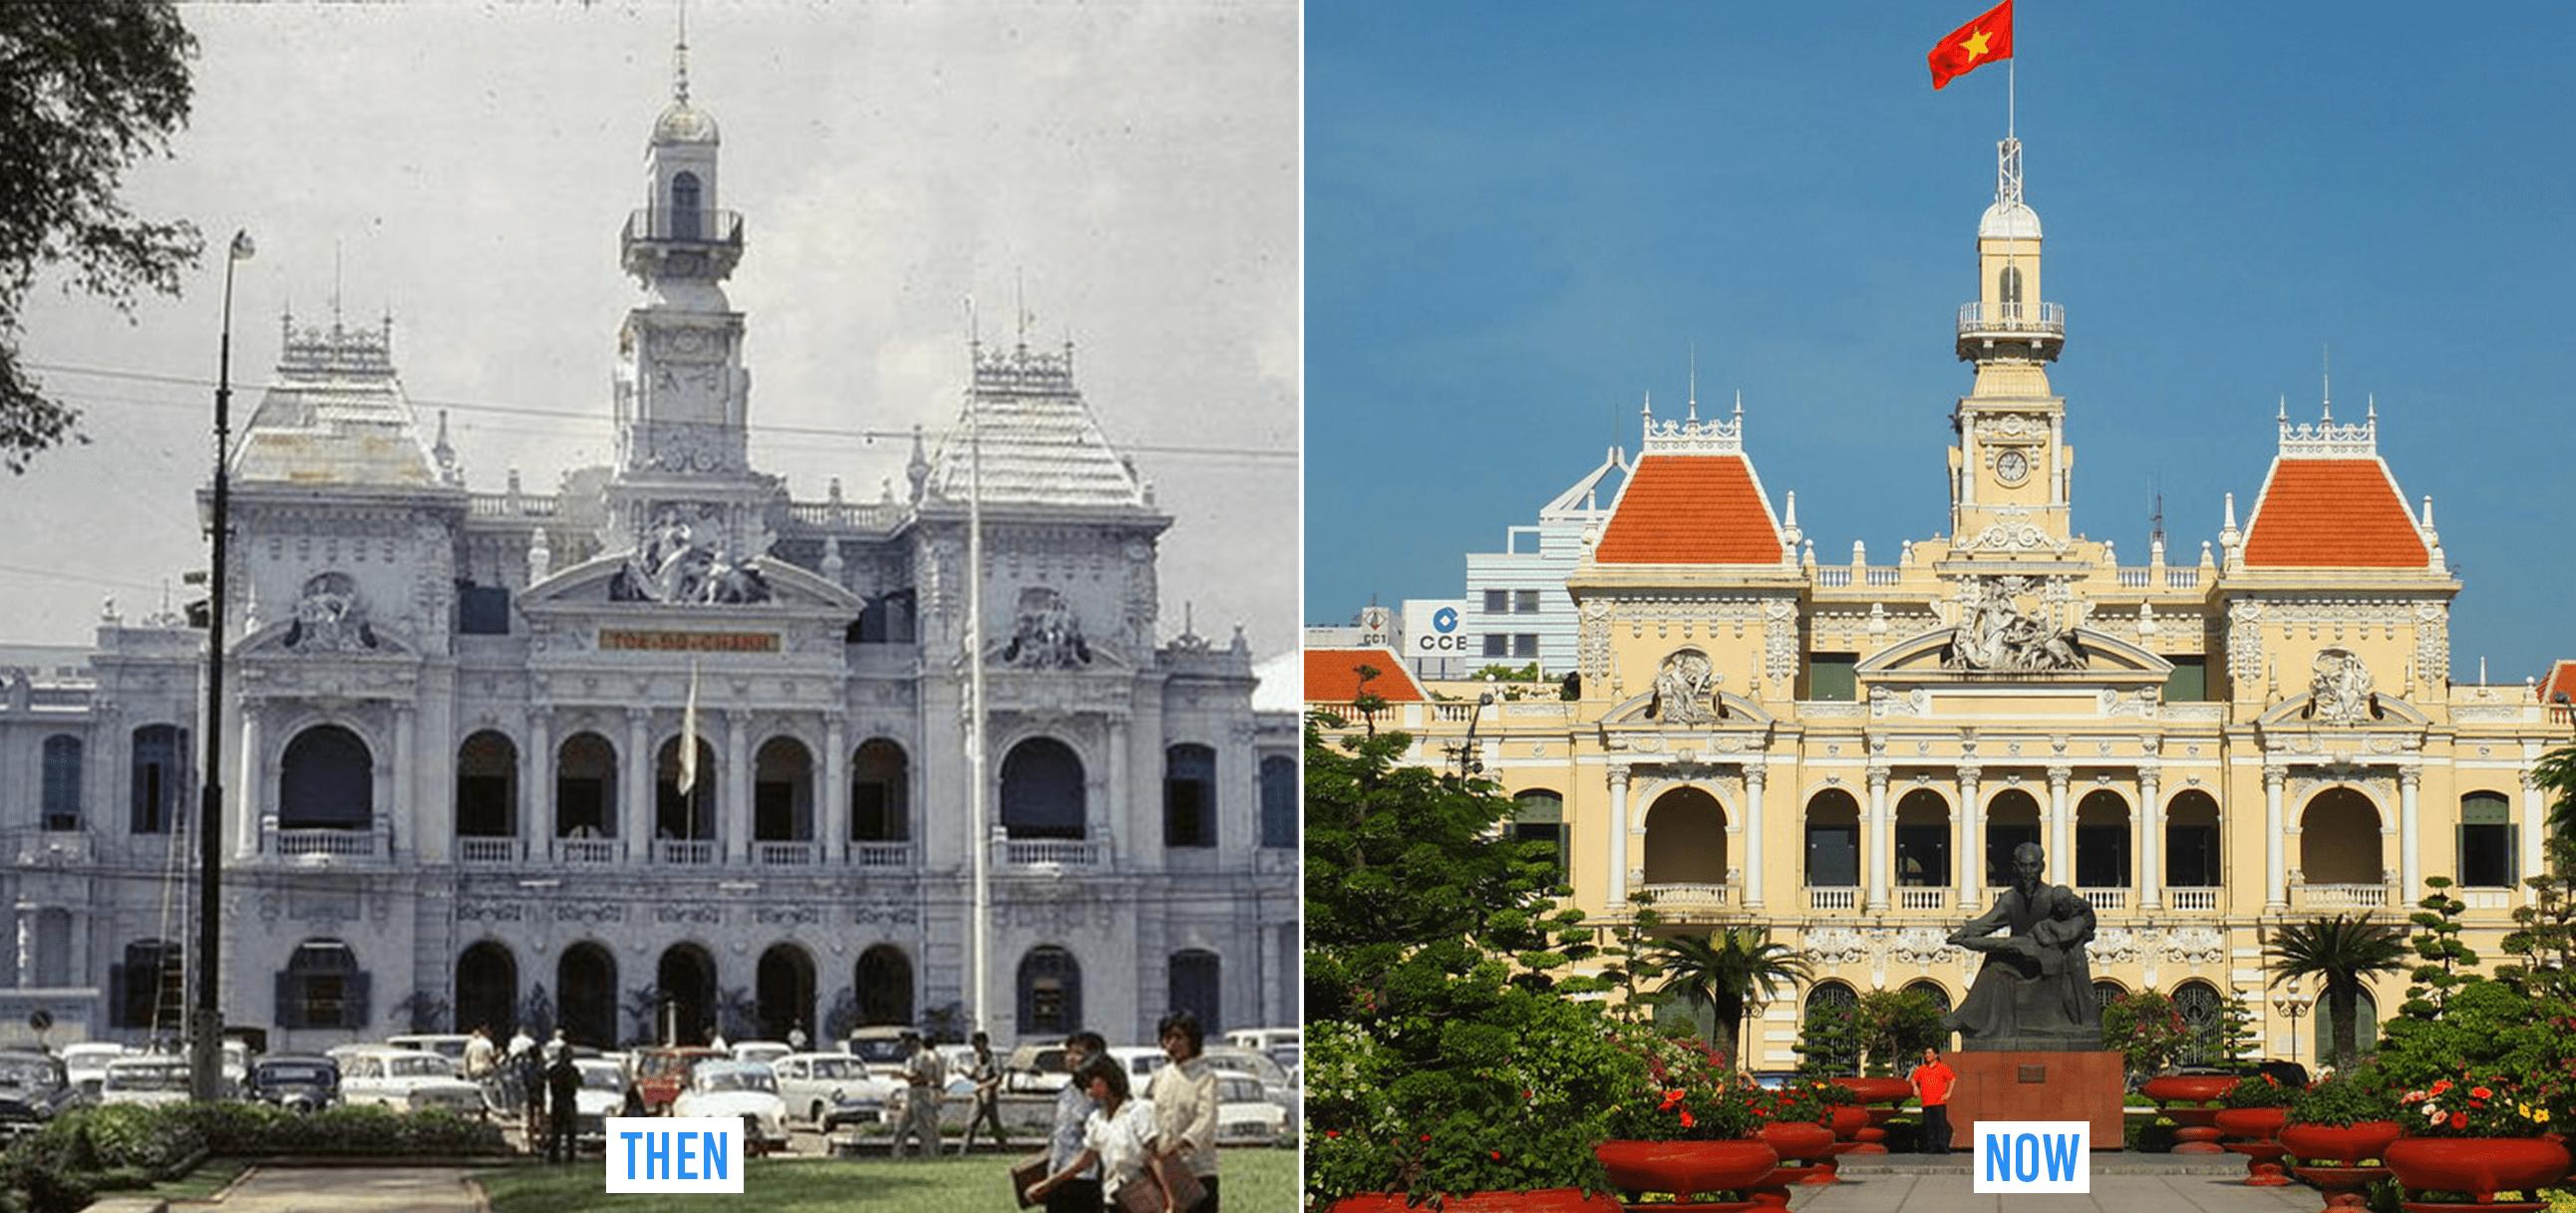 saigon then & now_city hall